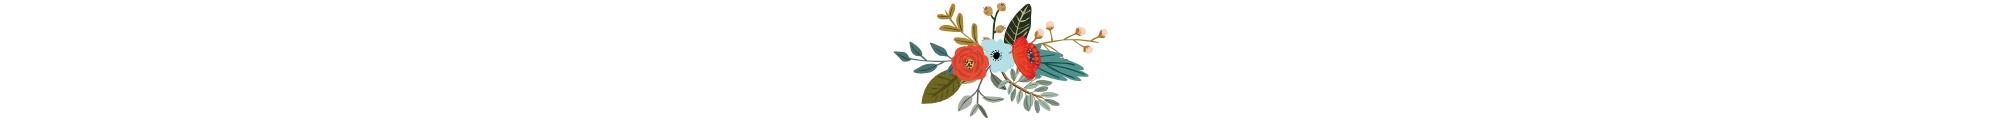 jill-pulver-flower-tiny